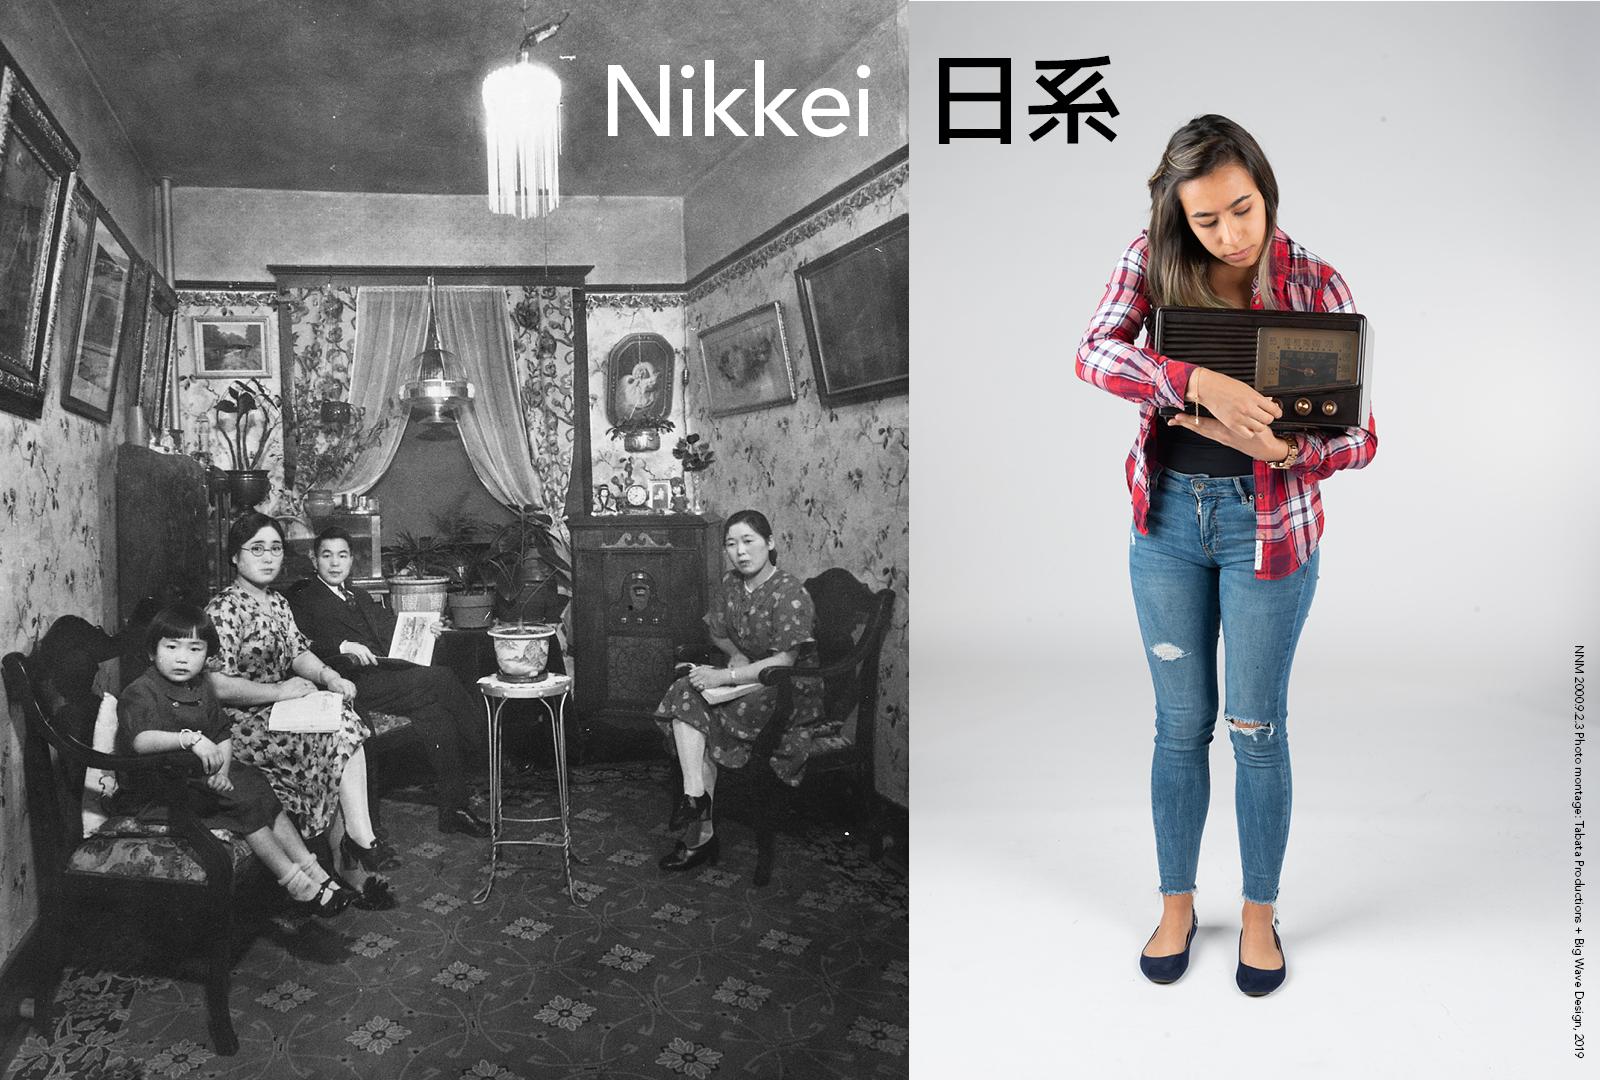 NikkeiExhibit_Web_1500x1080_withCredits_3.jpg